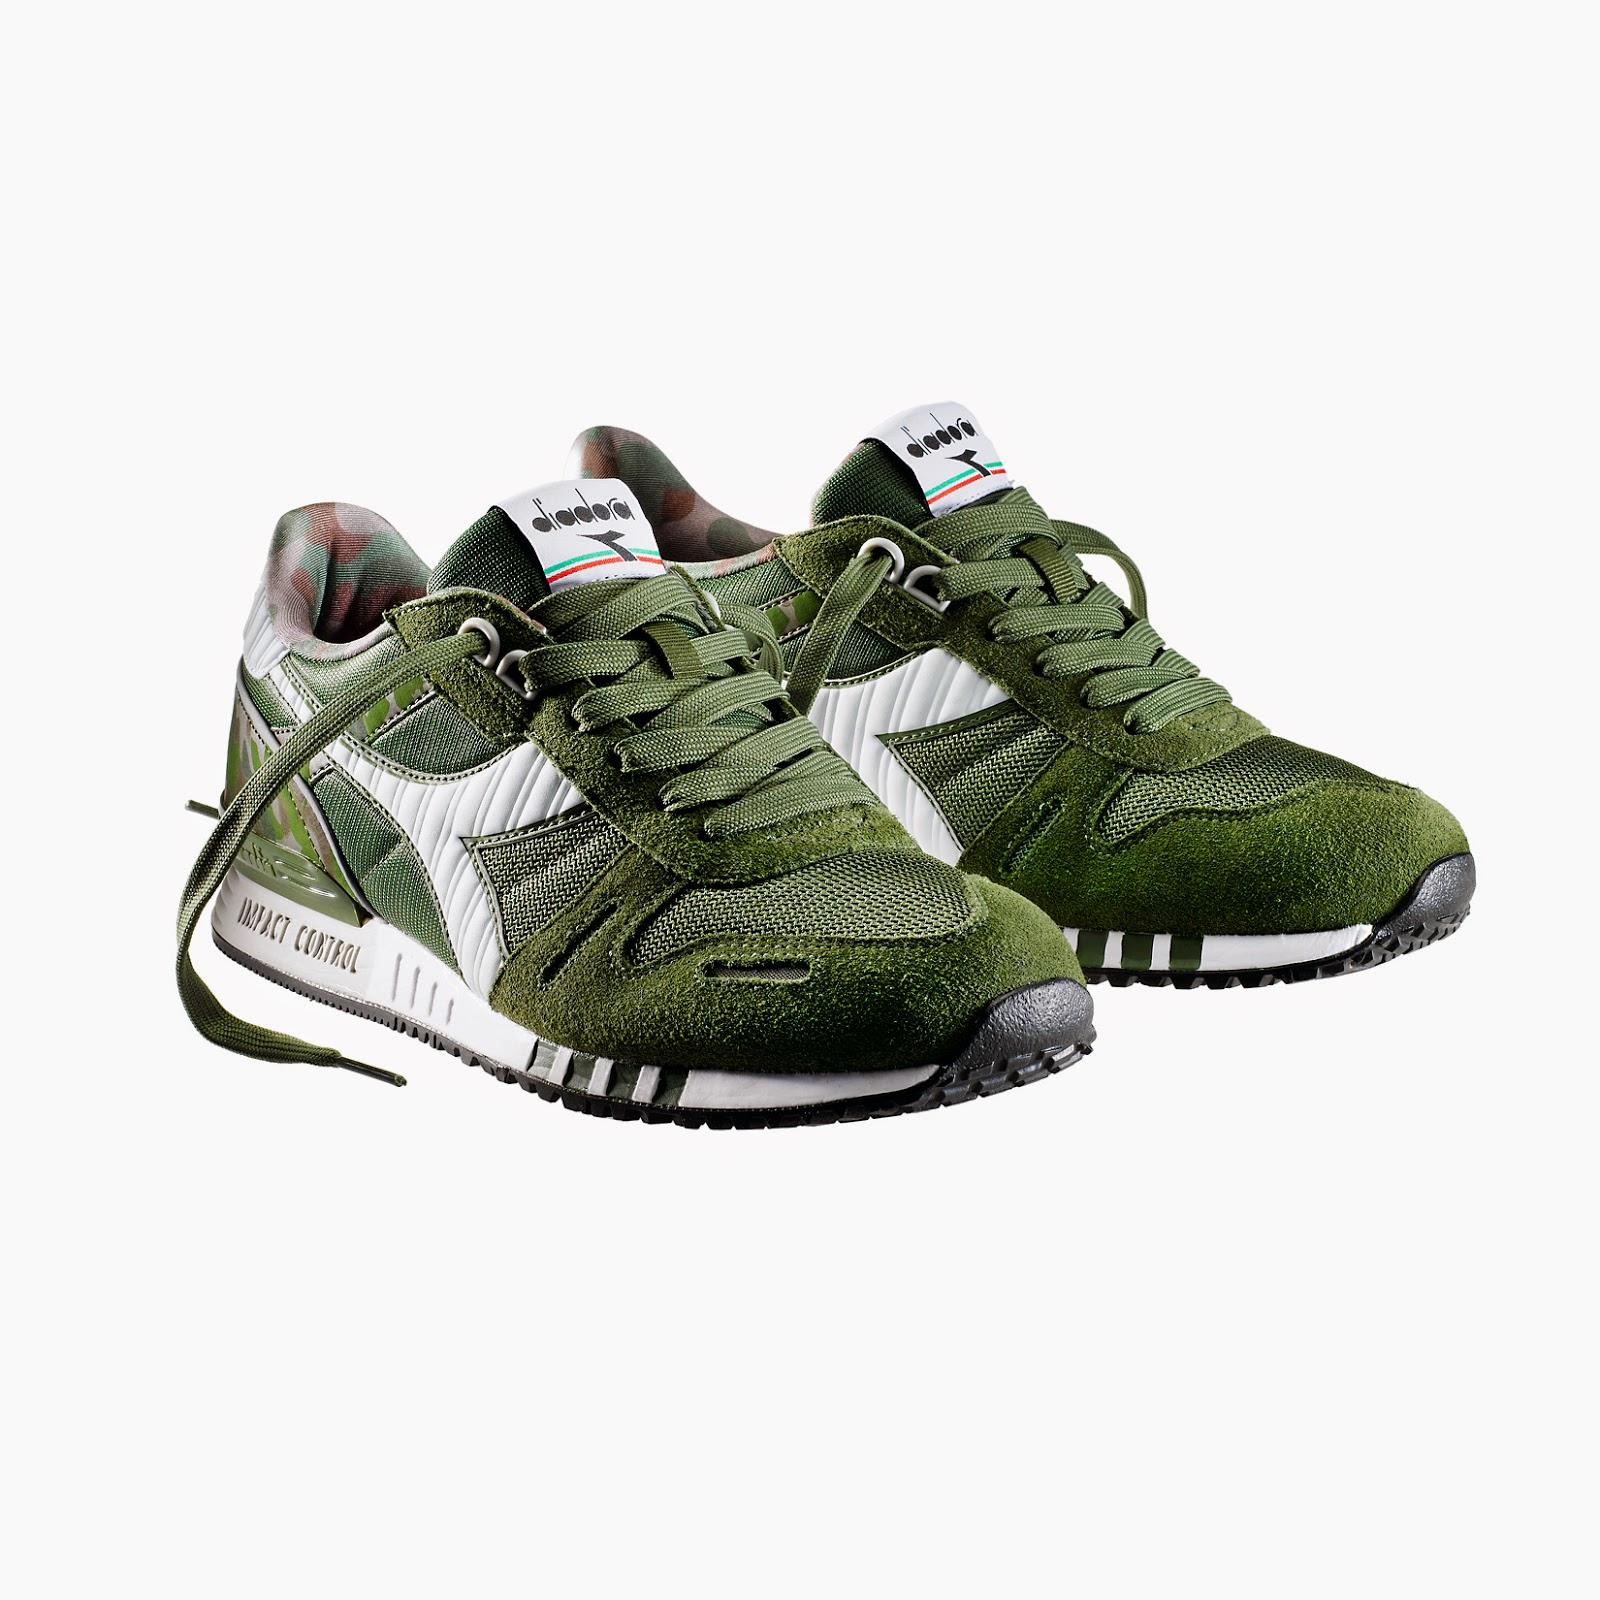 Una collezione di sneakers adidas e nike e adorazione dei piedi - 1 10